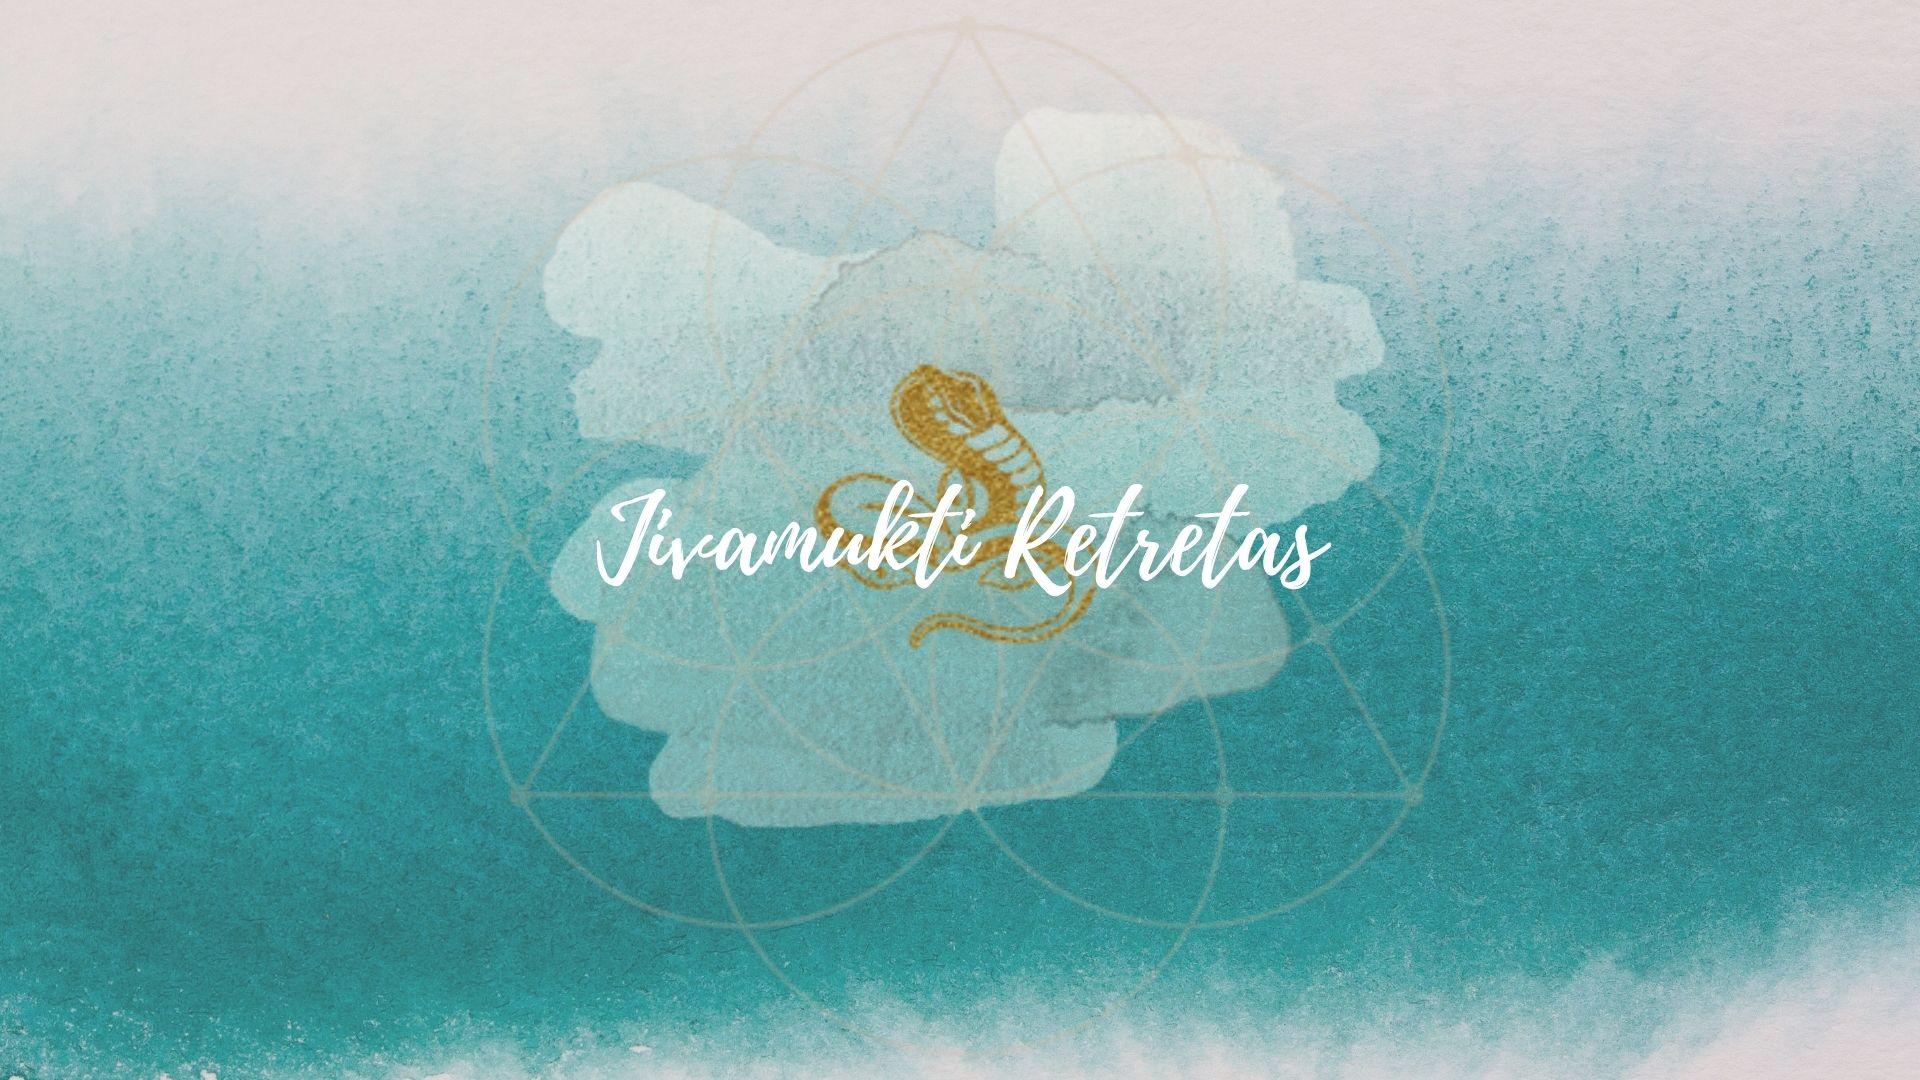 jivamukti retreats